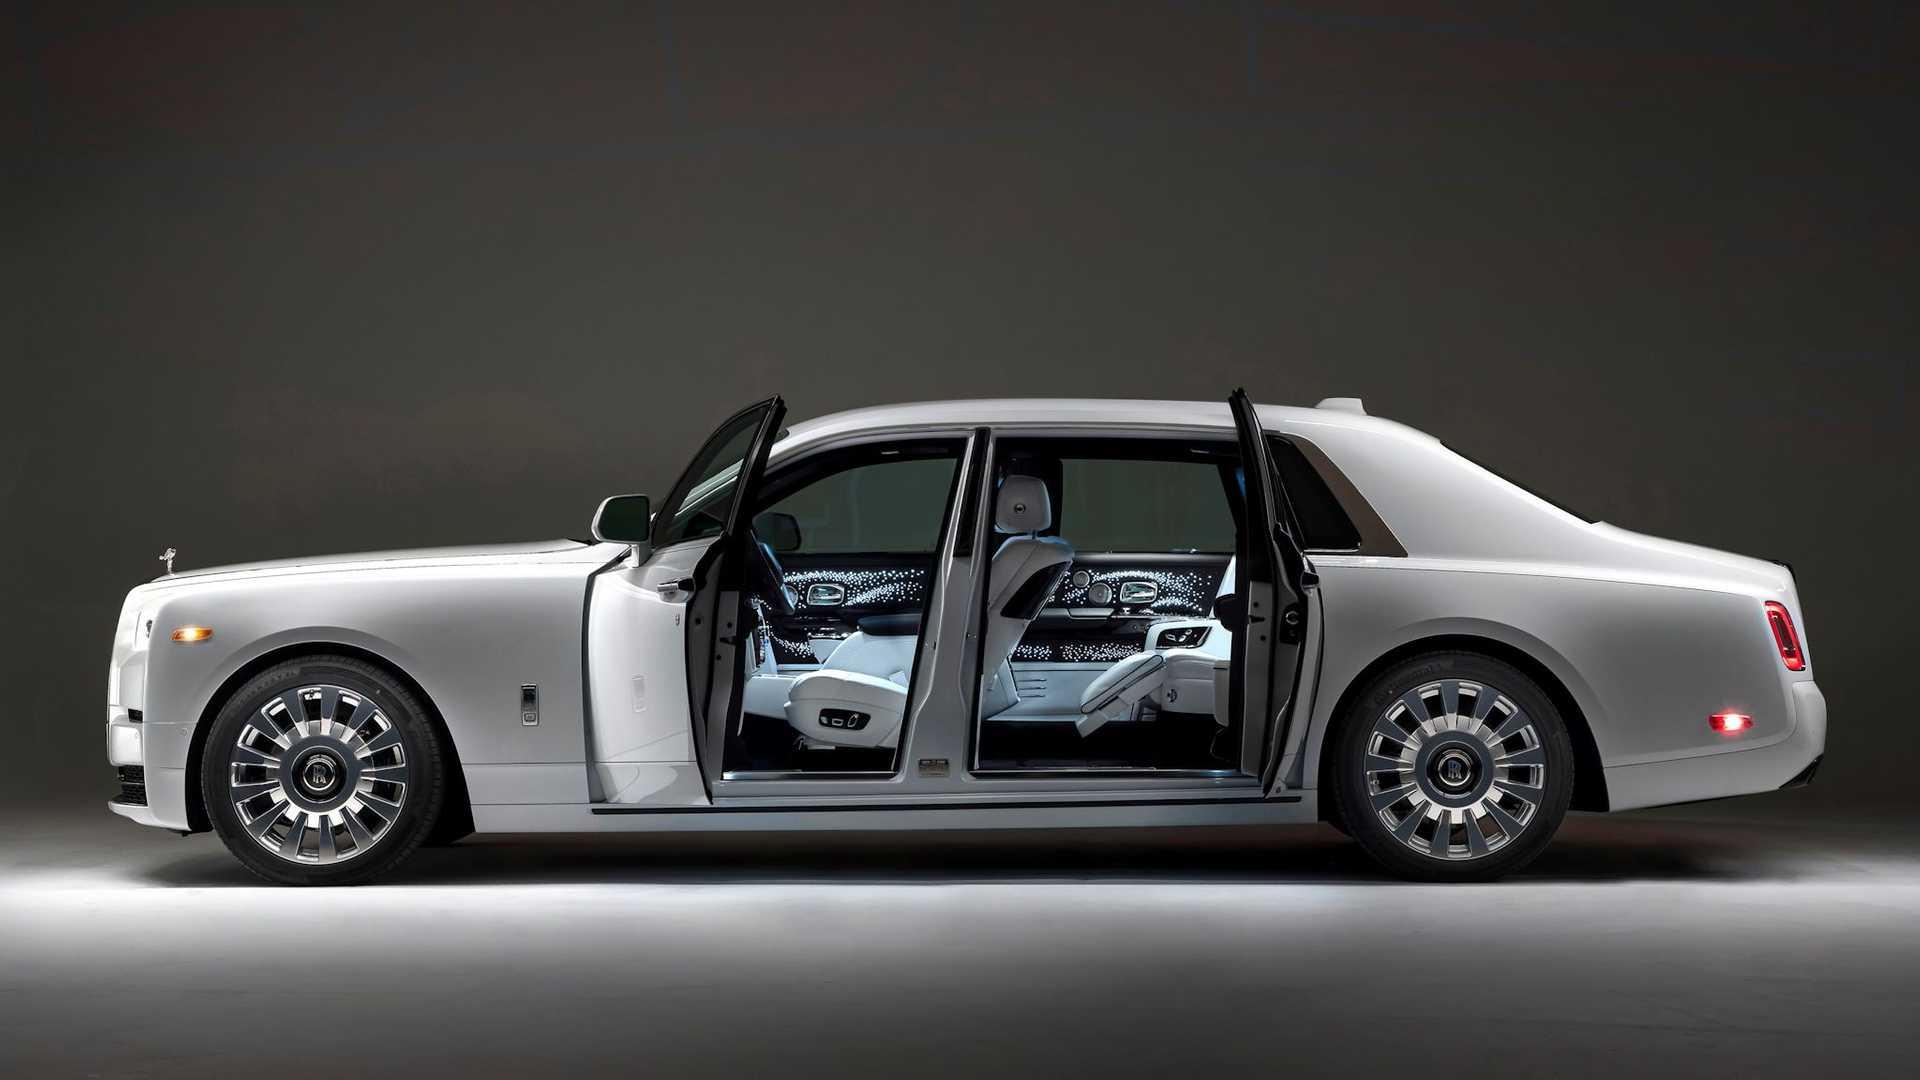 Bộ-đôi-Rolls-Royce-cá-nhân-hóa-kỷ-niệm-dịp-đặc-biệt-của-chủ-nhân (8).jpg